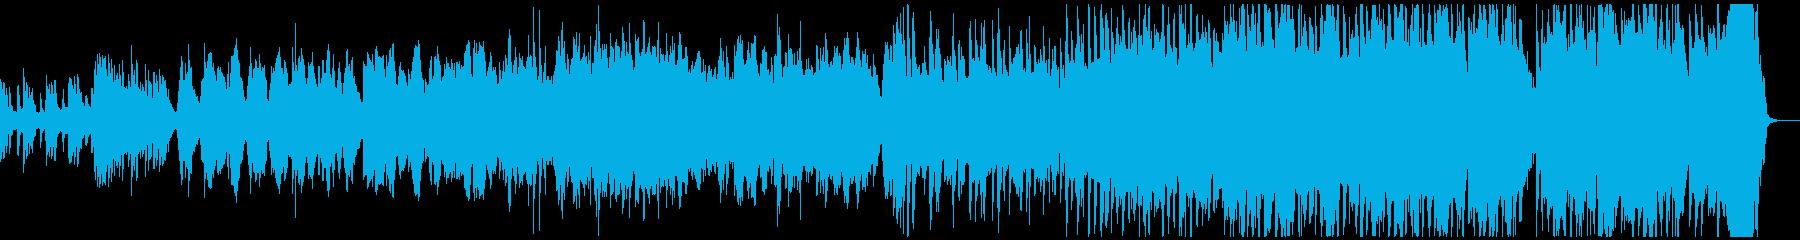 バイオリンとピアノの情熱的なバラードの再生済みの波形